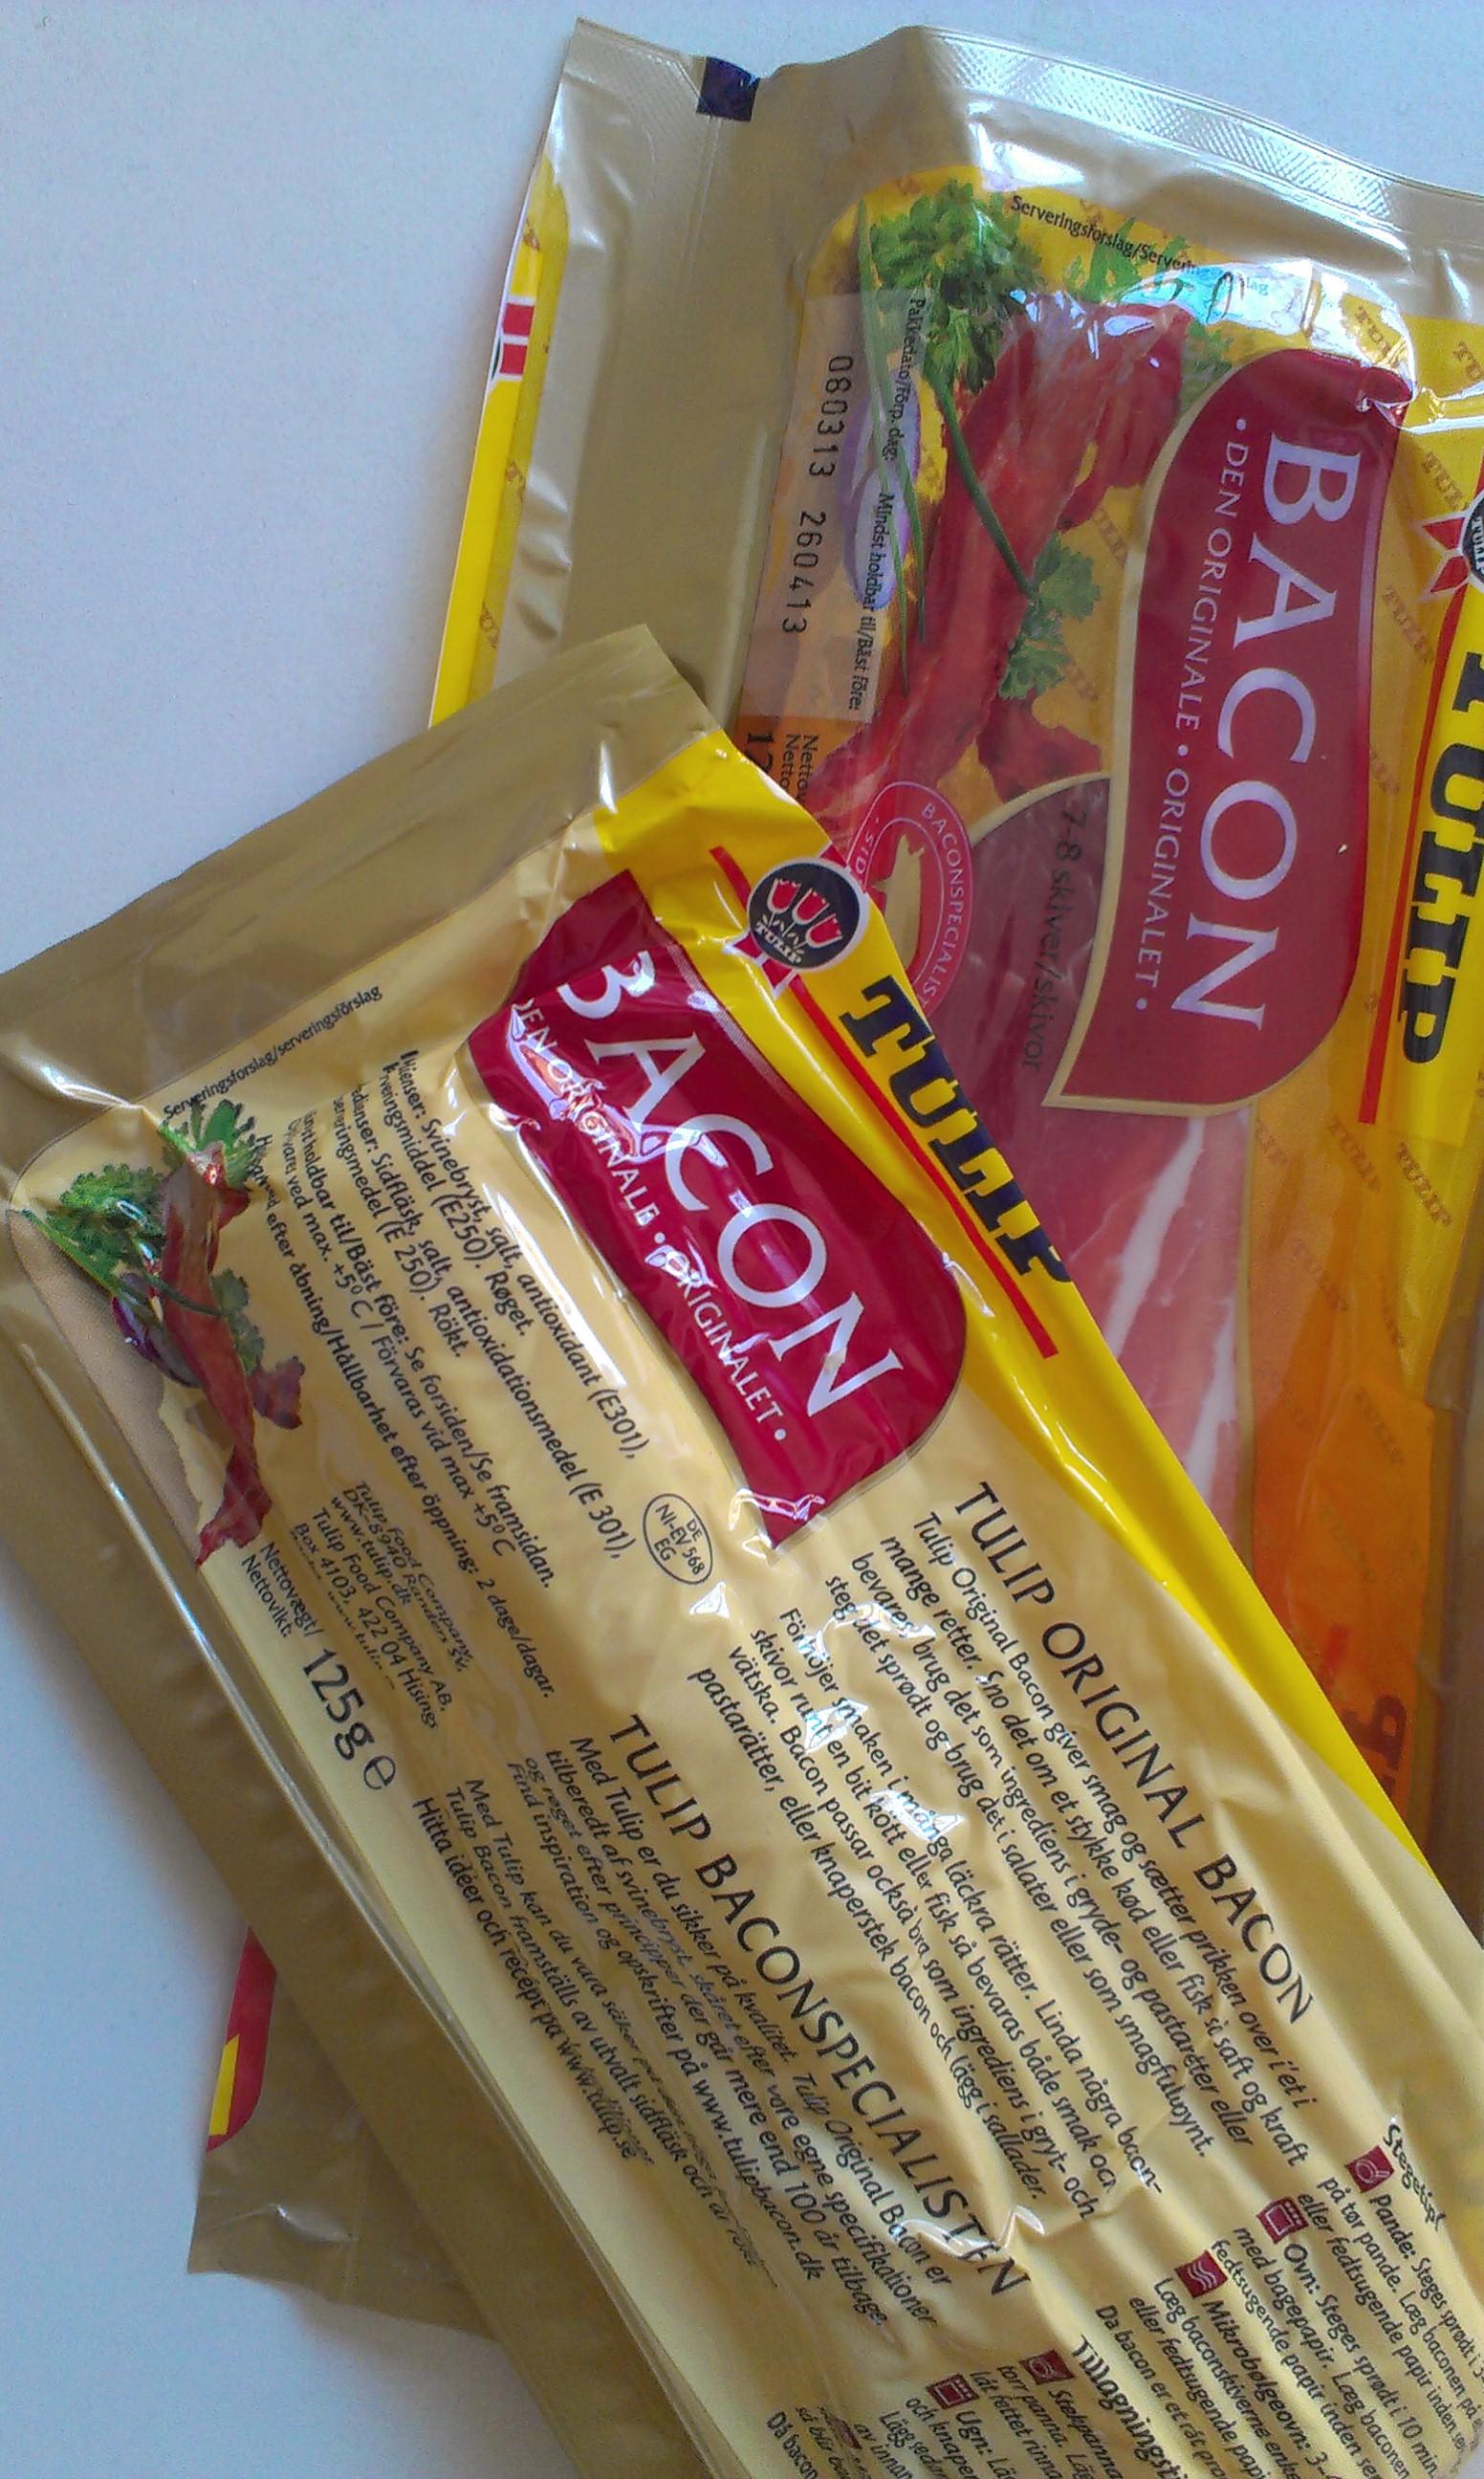 vilka livsmedel innehåller e330